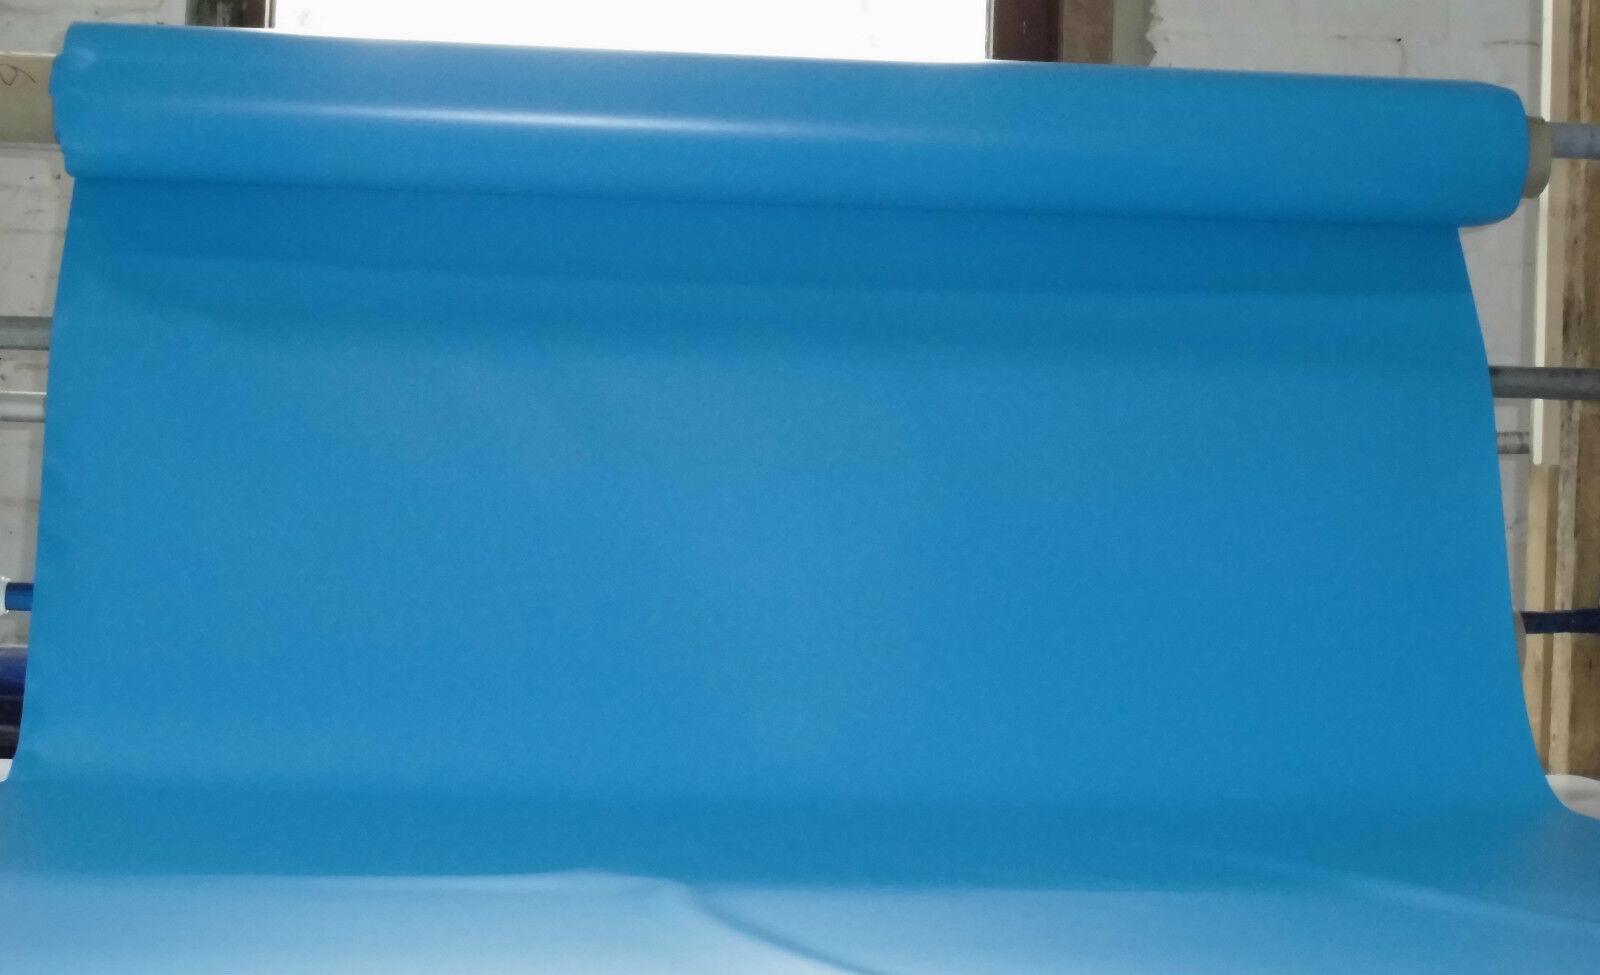 m² Poolfolie Pool Folie Schwimmbadfolie  0,6 mm  Meterware